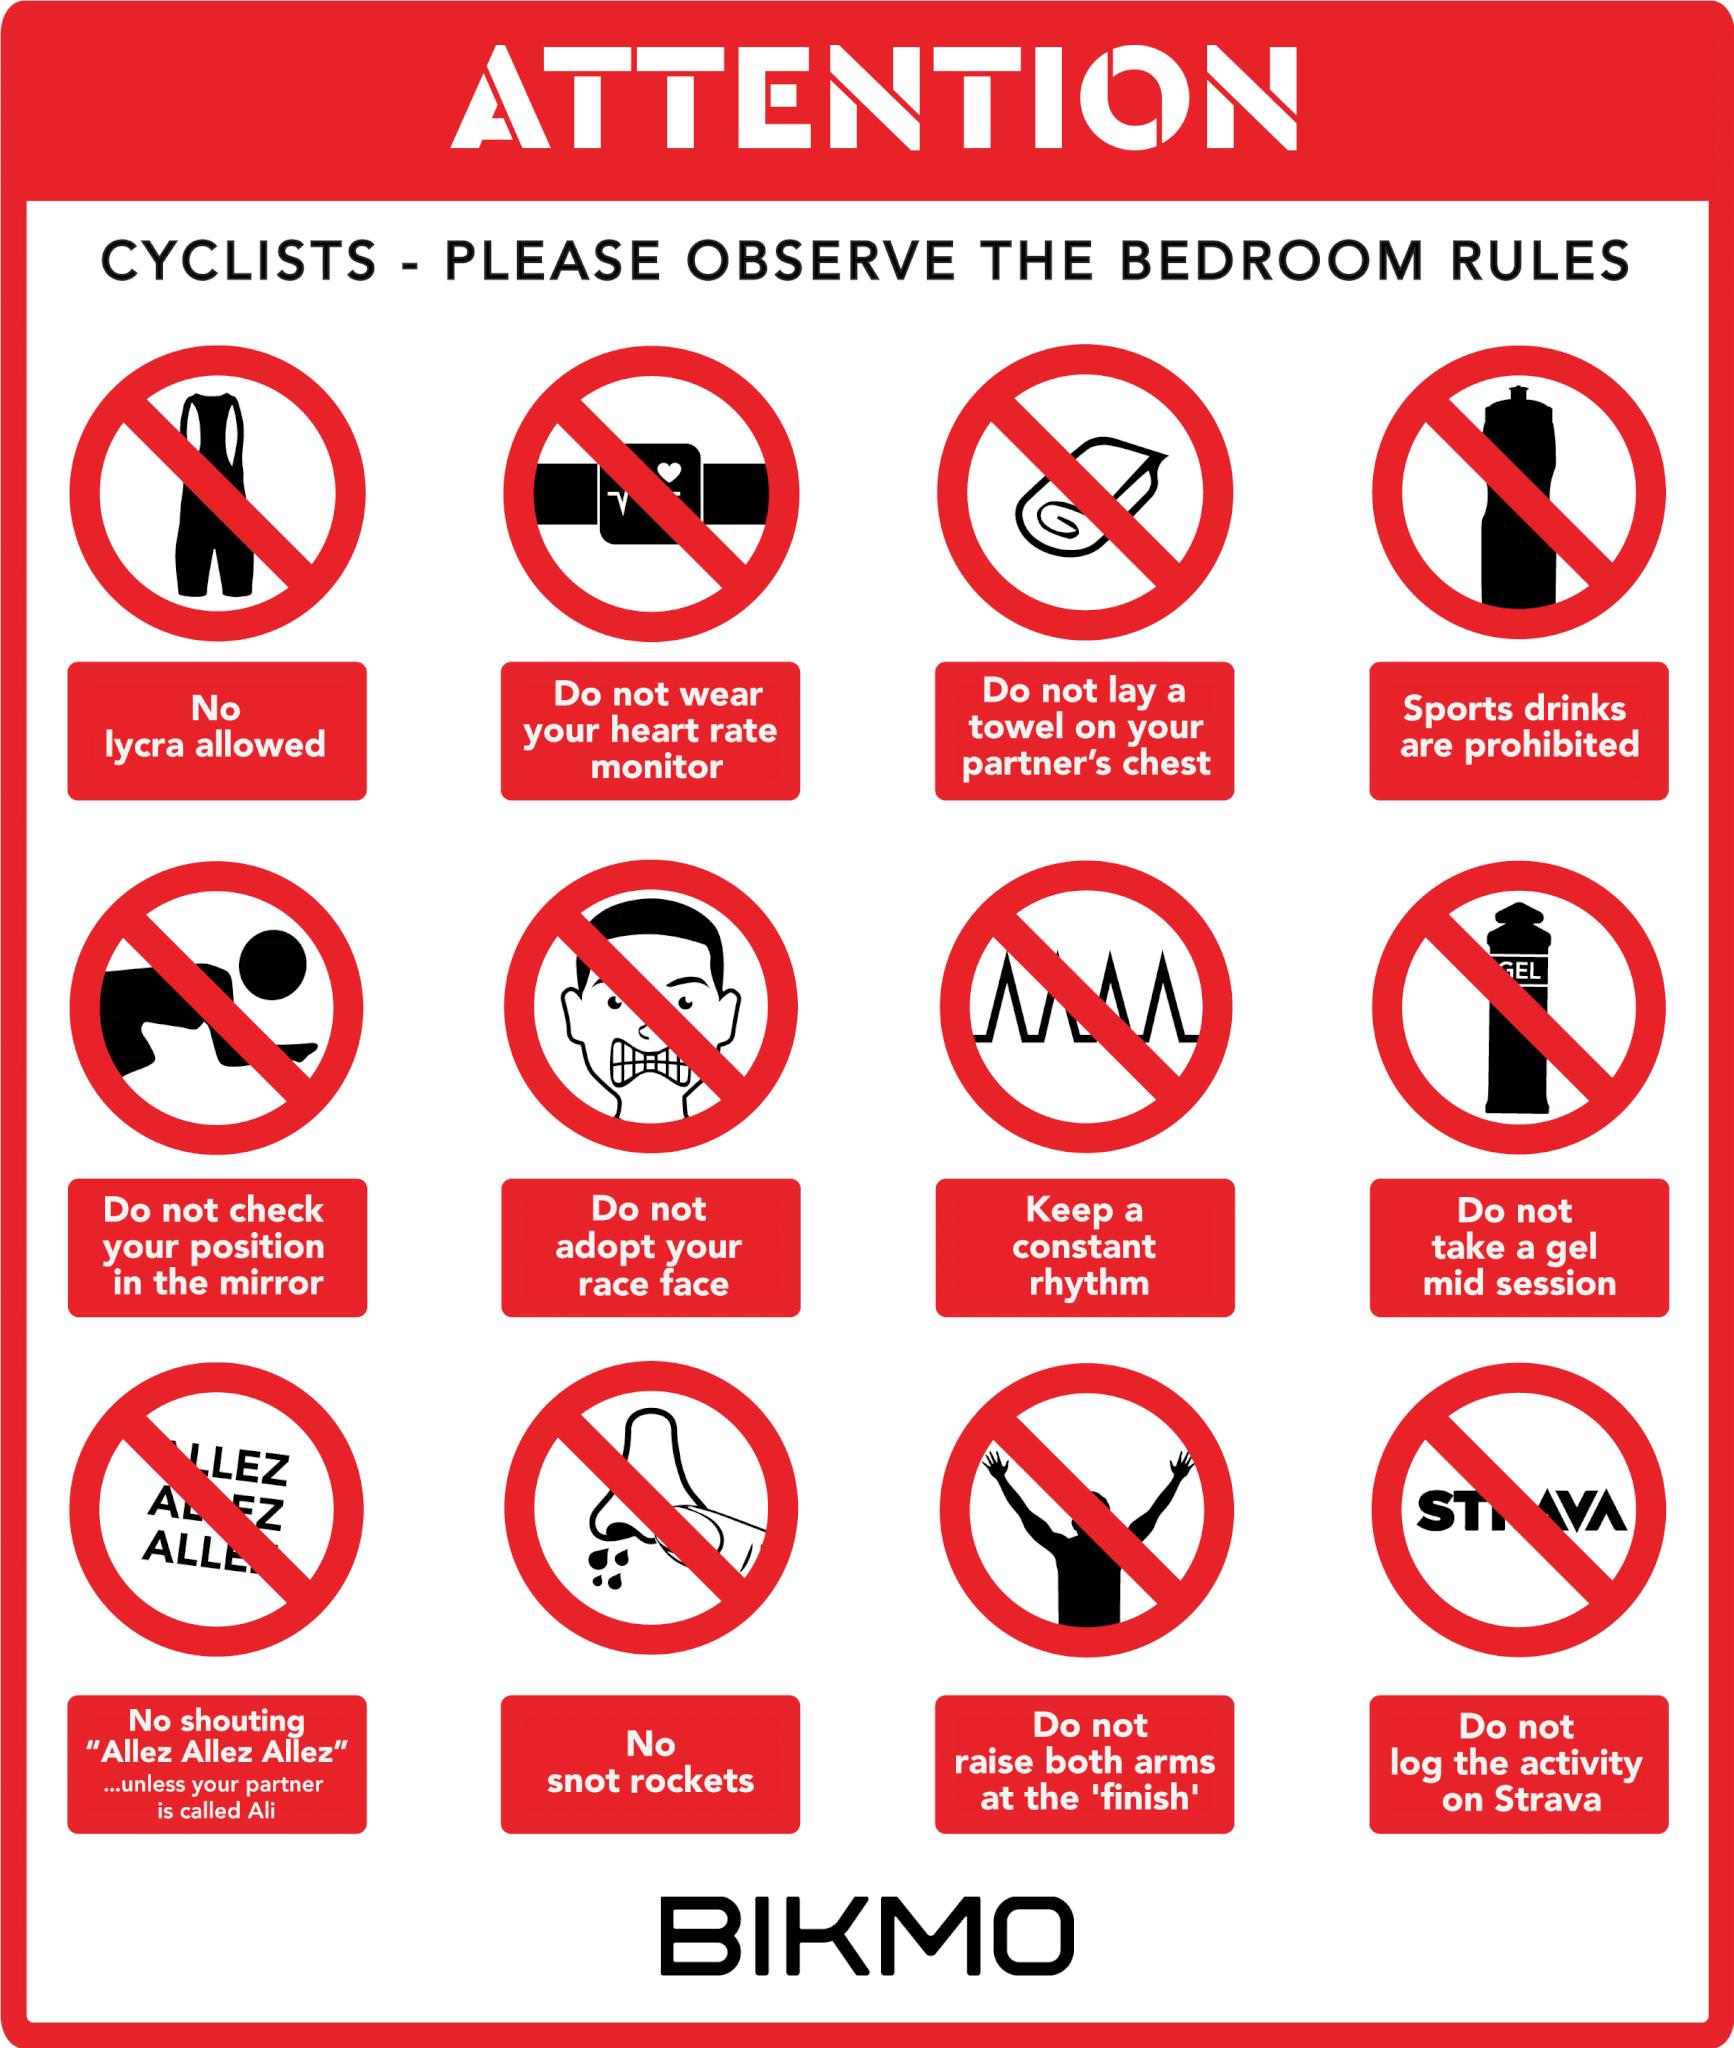 Valentine's Day Bikmo bedroom rules